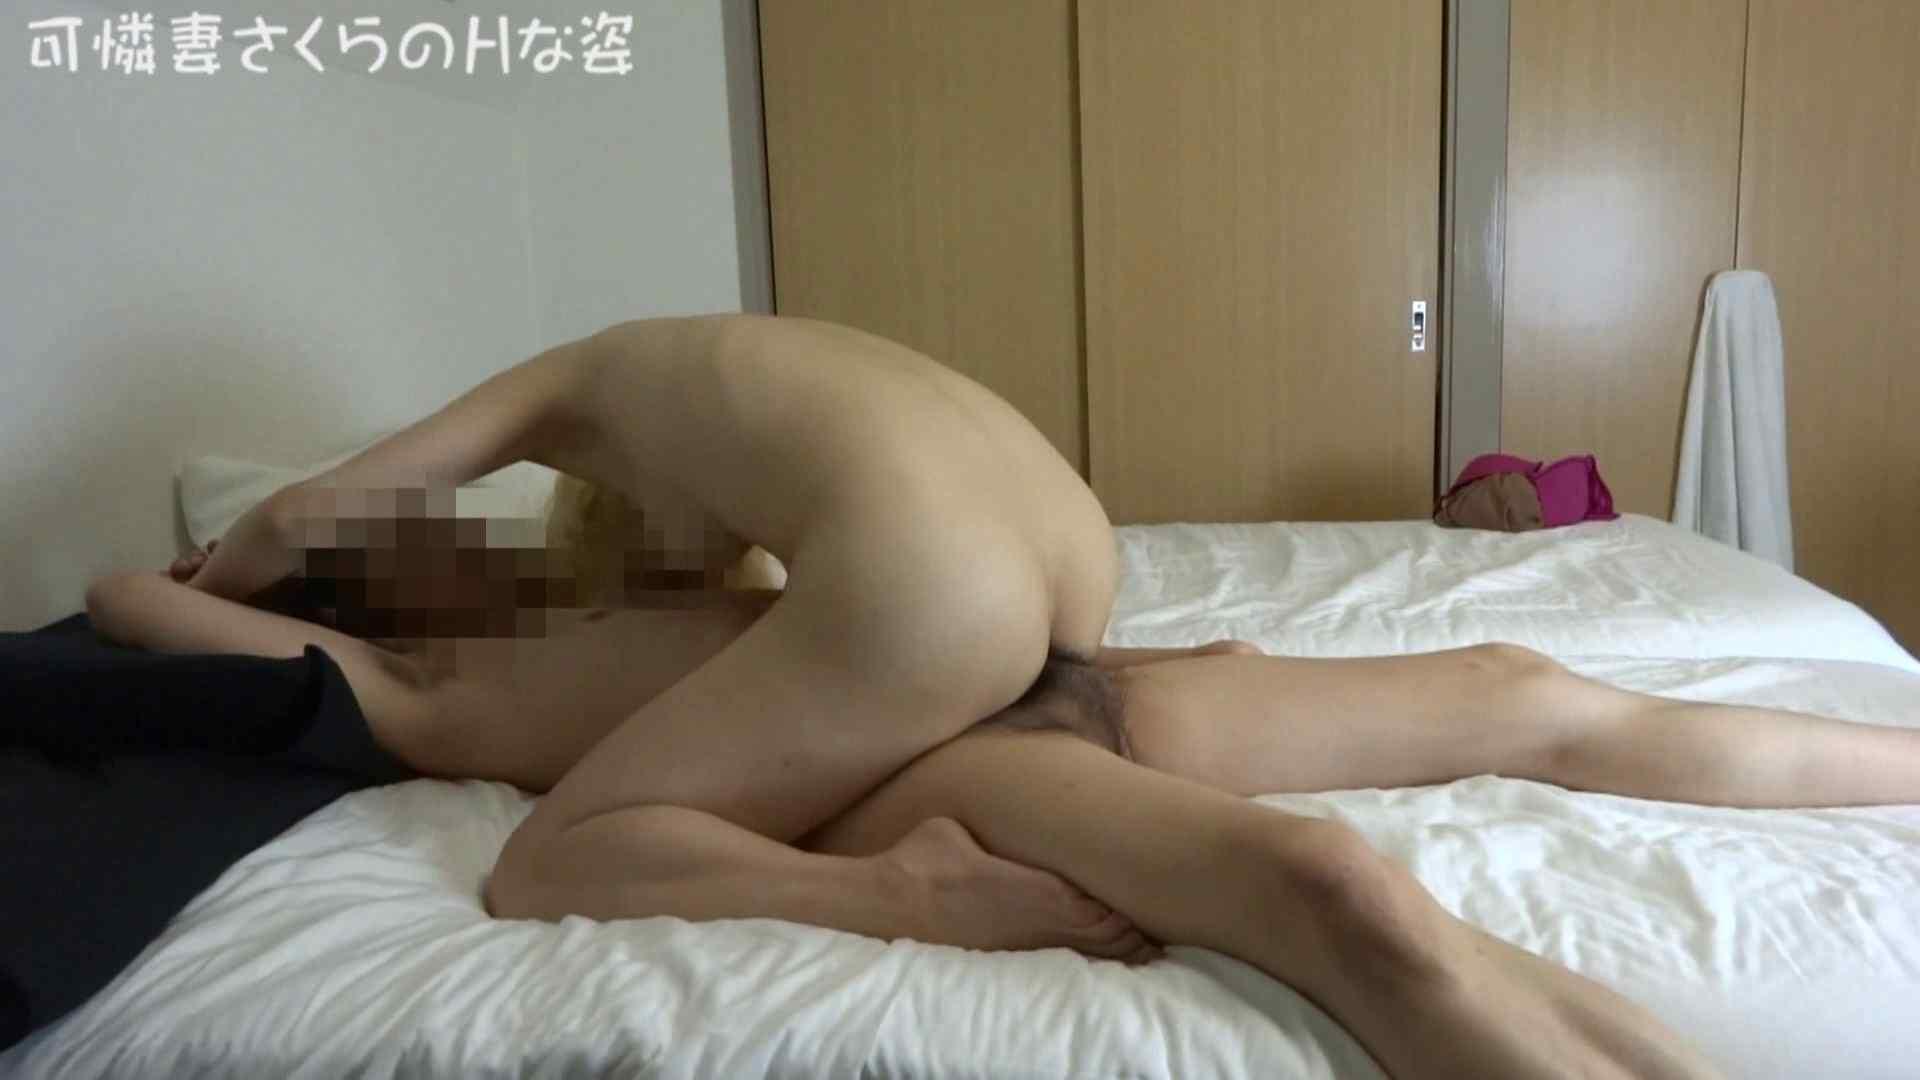 可憐妻さくらのHな姿vol.17 熟女の裸体 | OL裸体  97画像 55